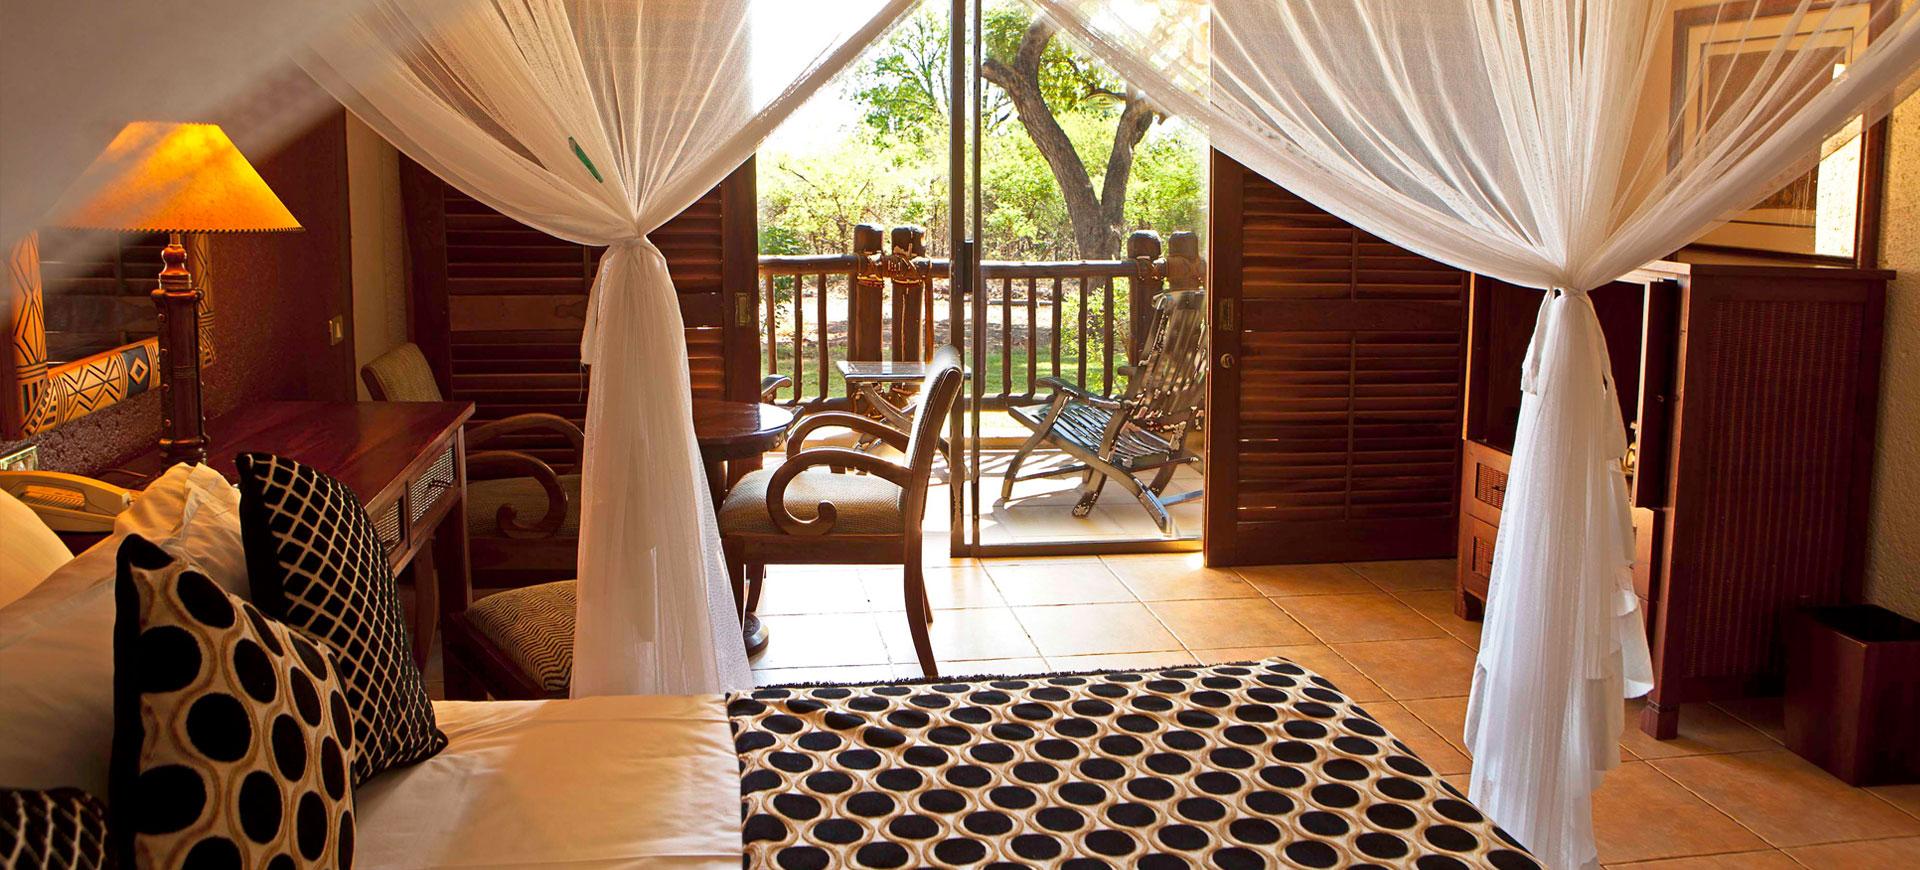 Kingdom Hotel Victoria Falls Conference Venue